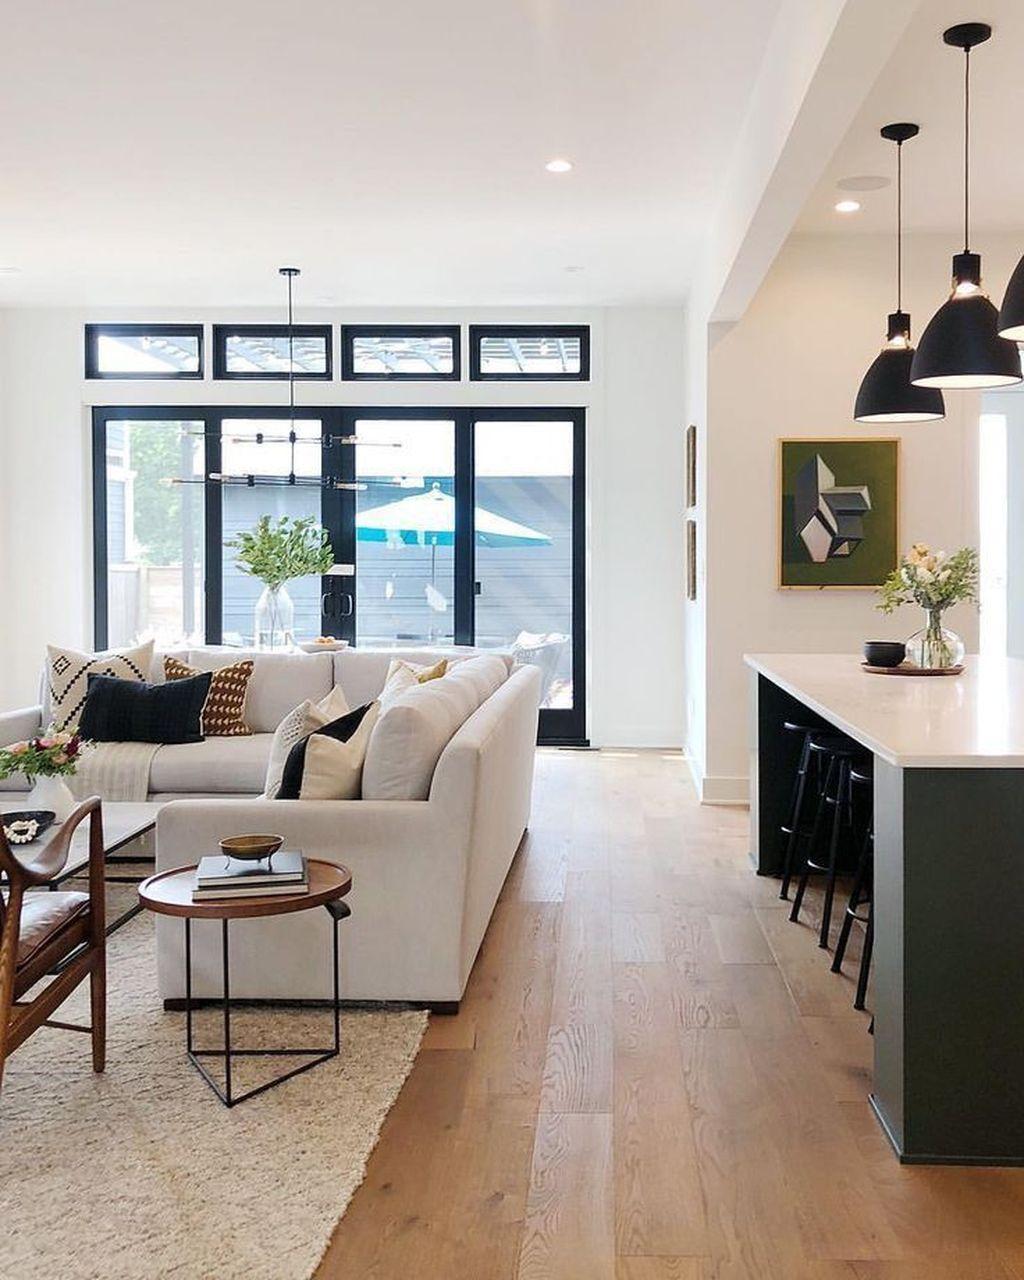 Amazing Contemporary Living Room Design Ideas You Should Copy 30